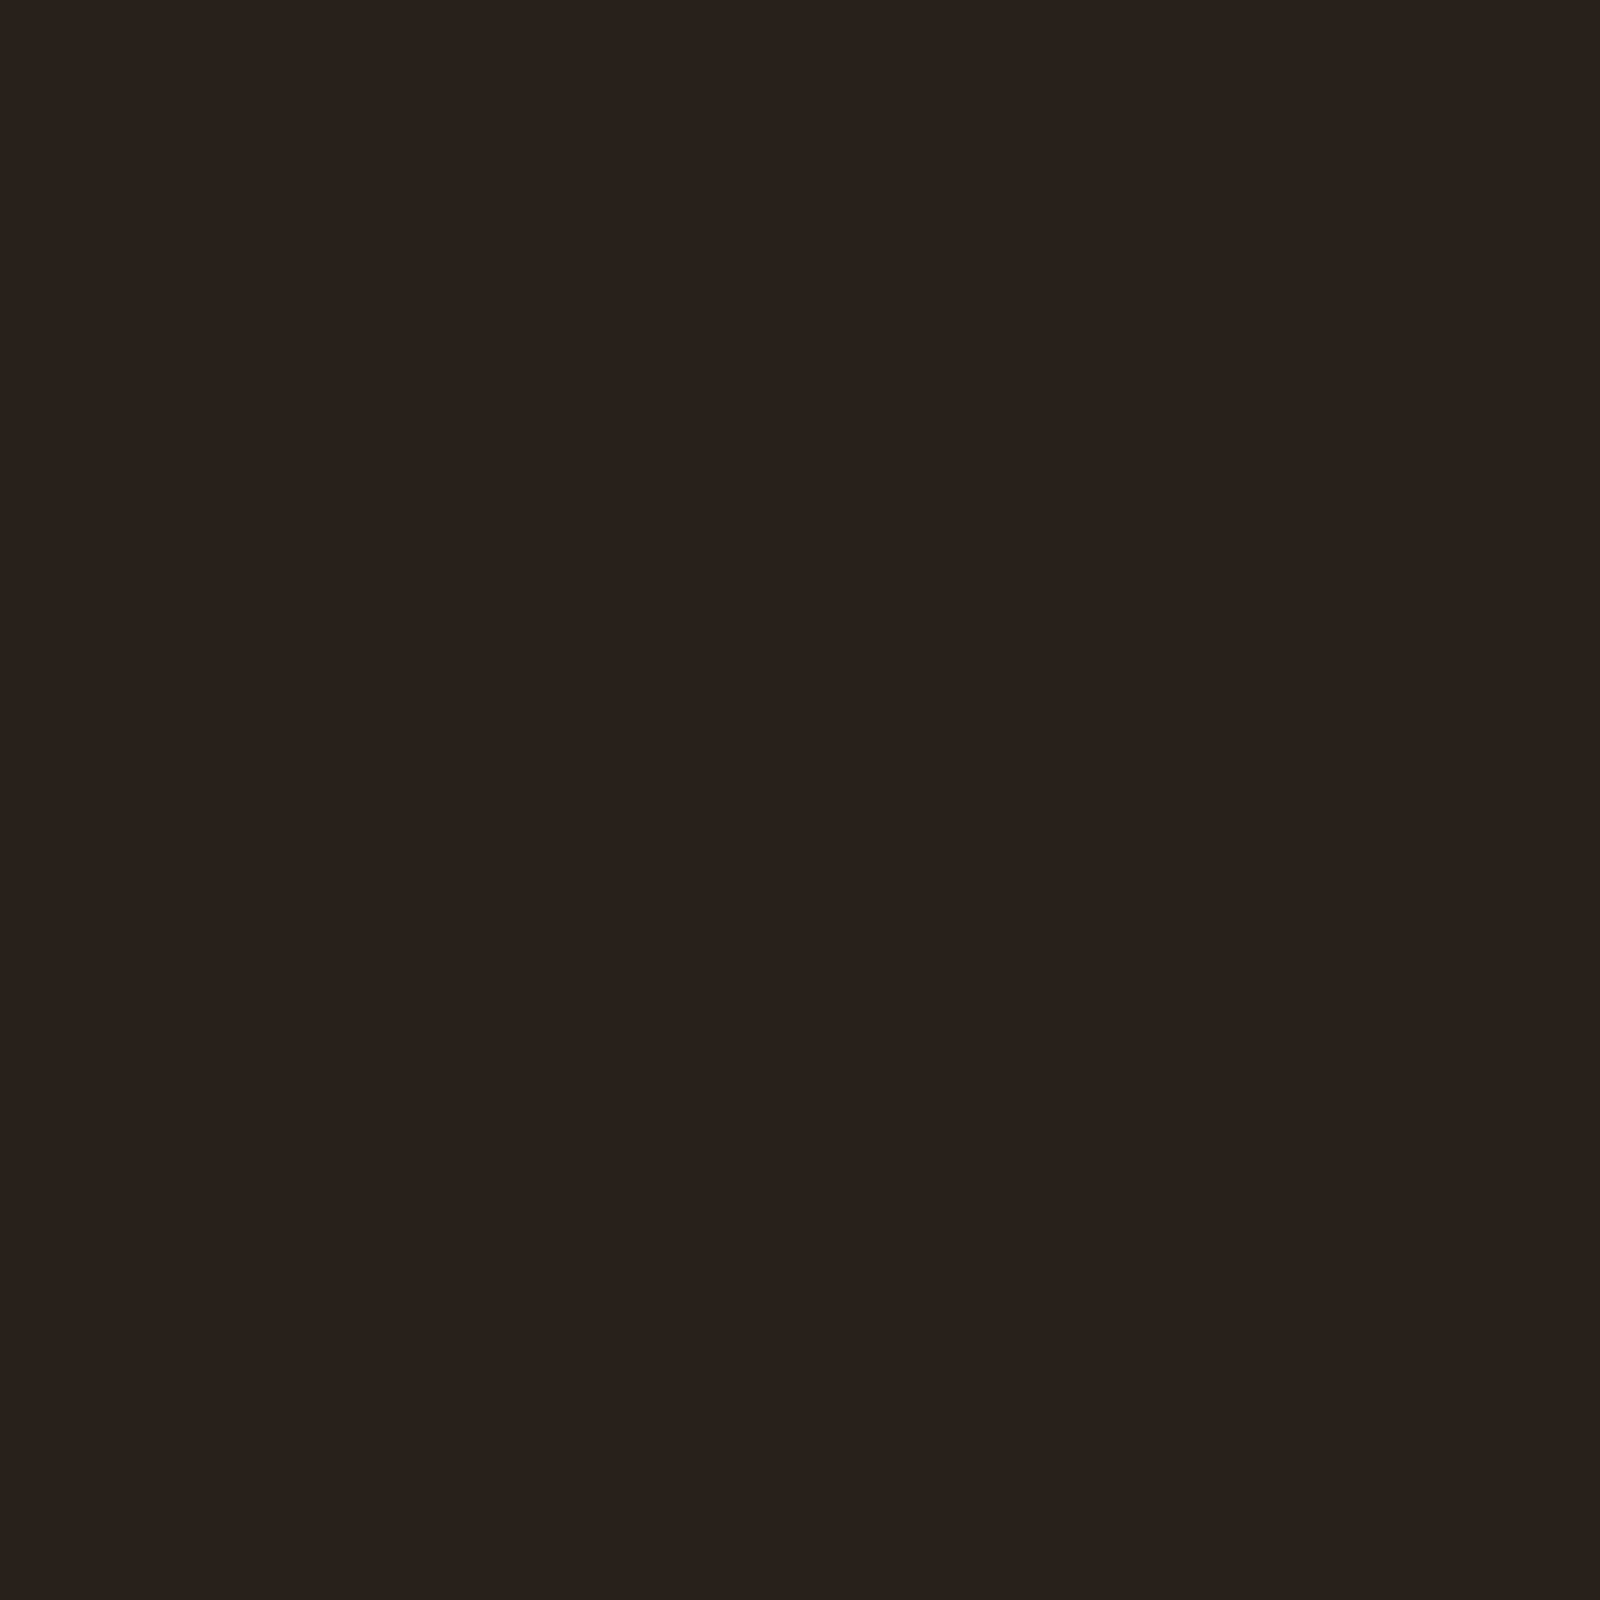 Servítky jednofarebné zn. Mank - šedé, hnedé farby - Obrázok č. 2